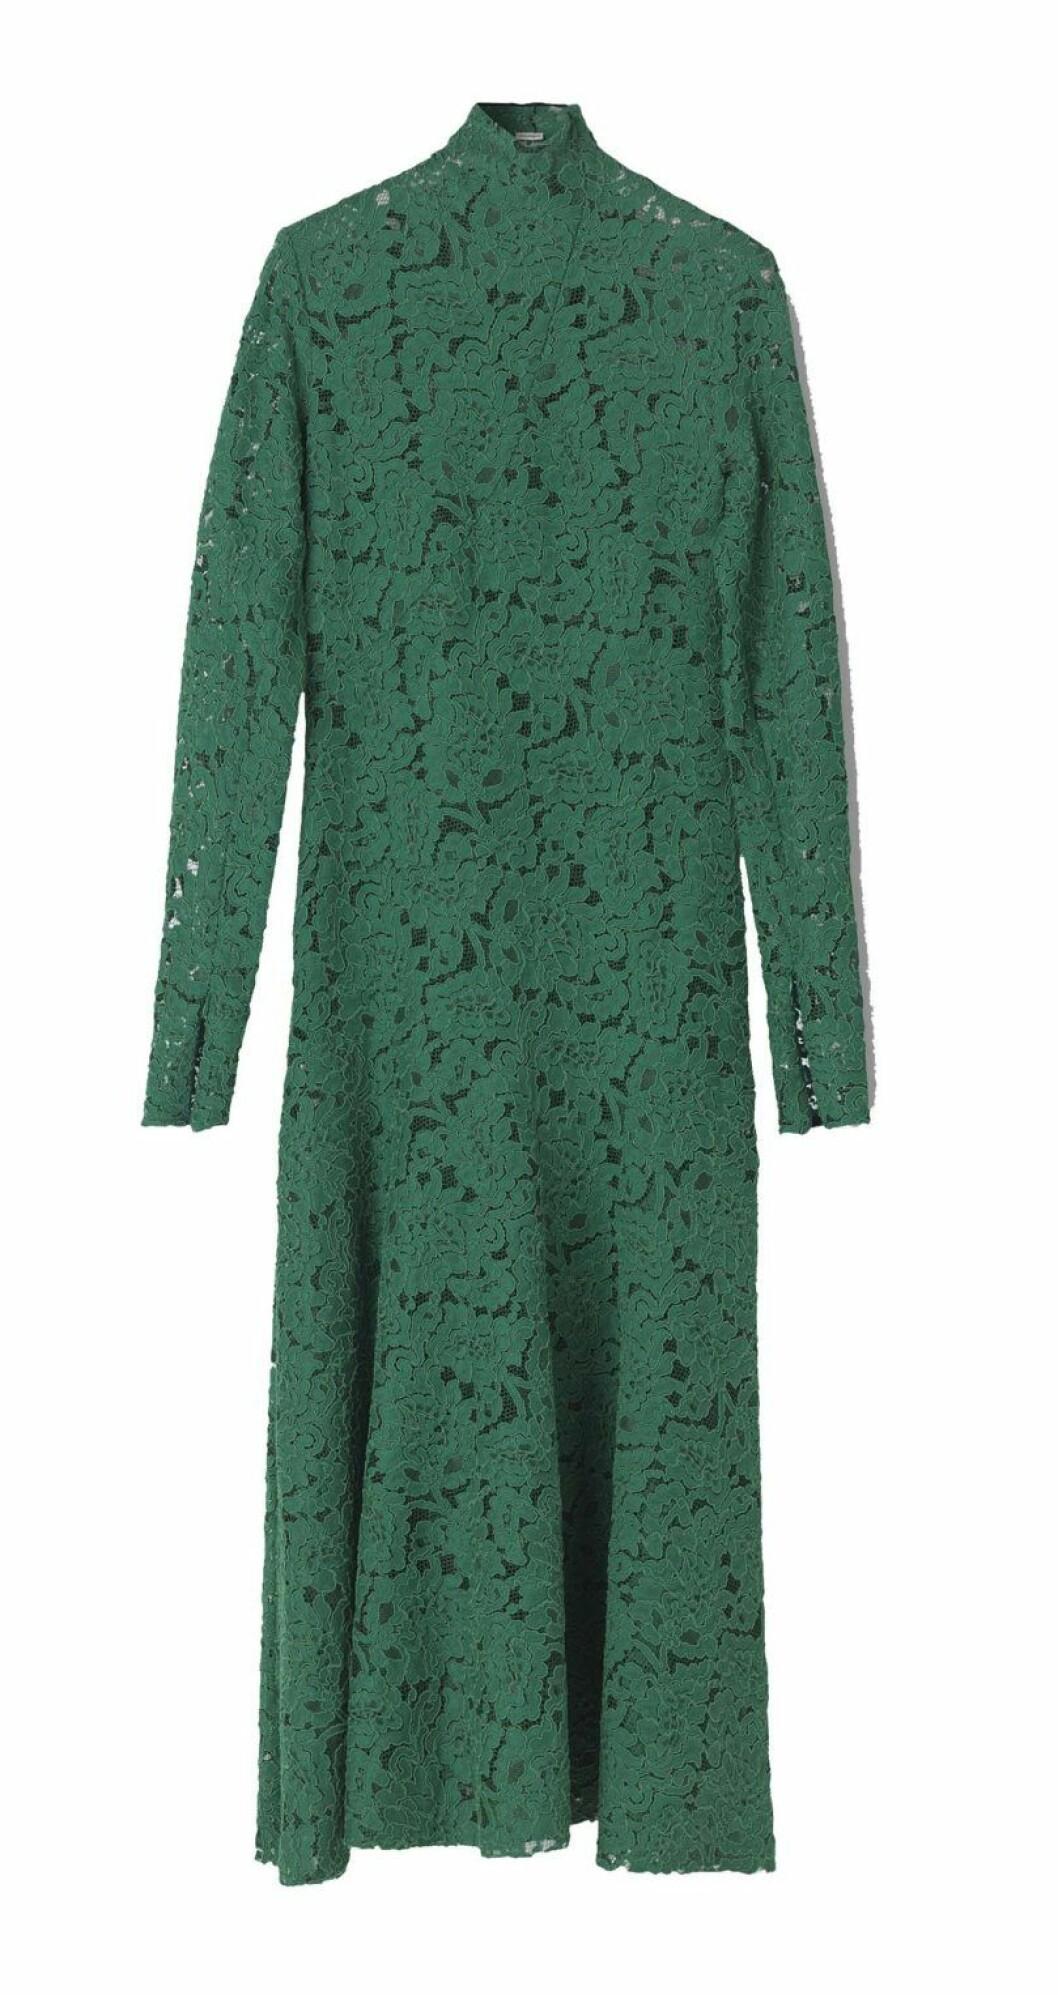 klänning-grön-spets-by-malene-birger